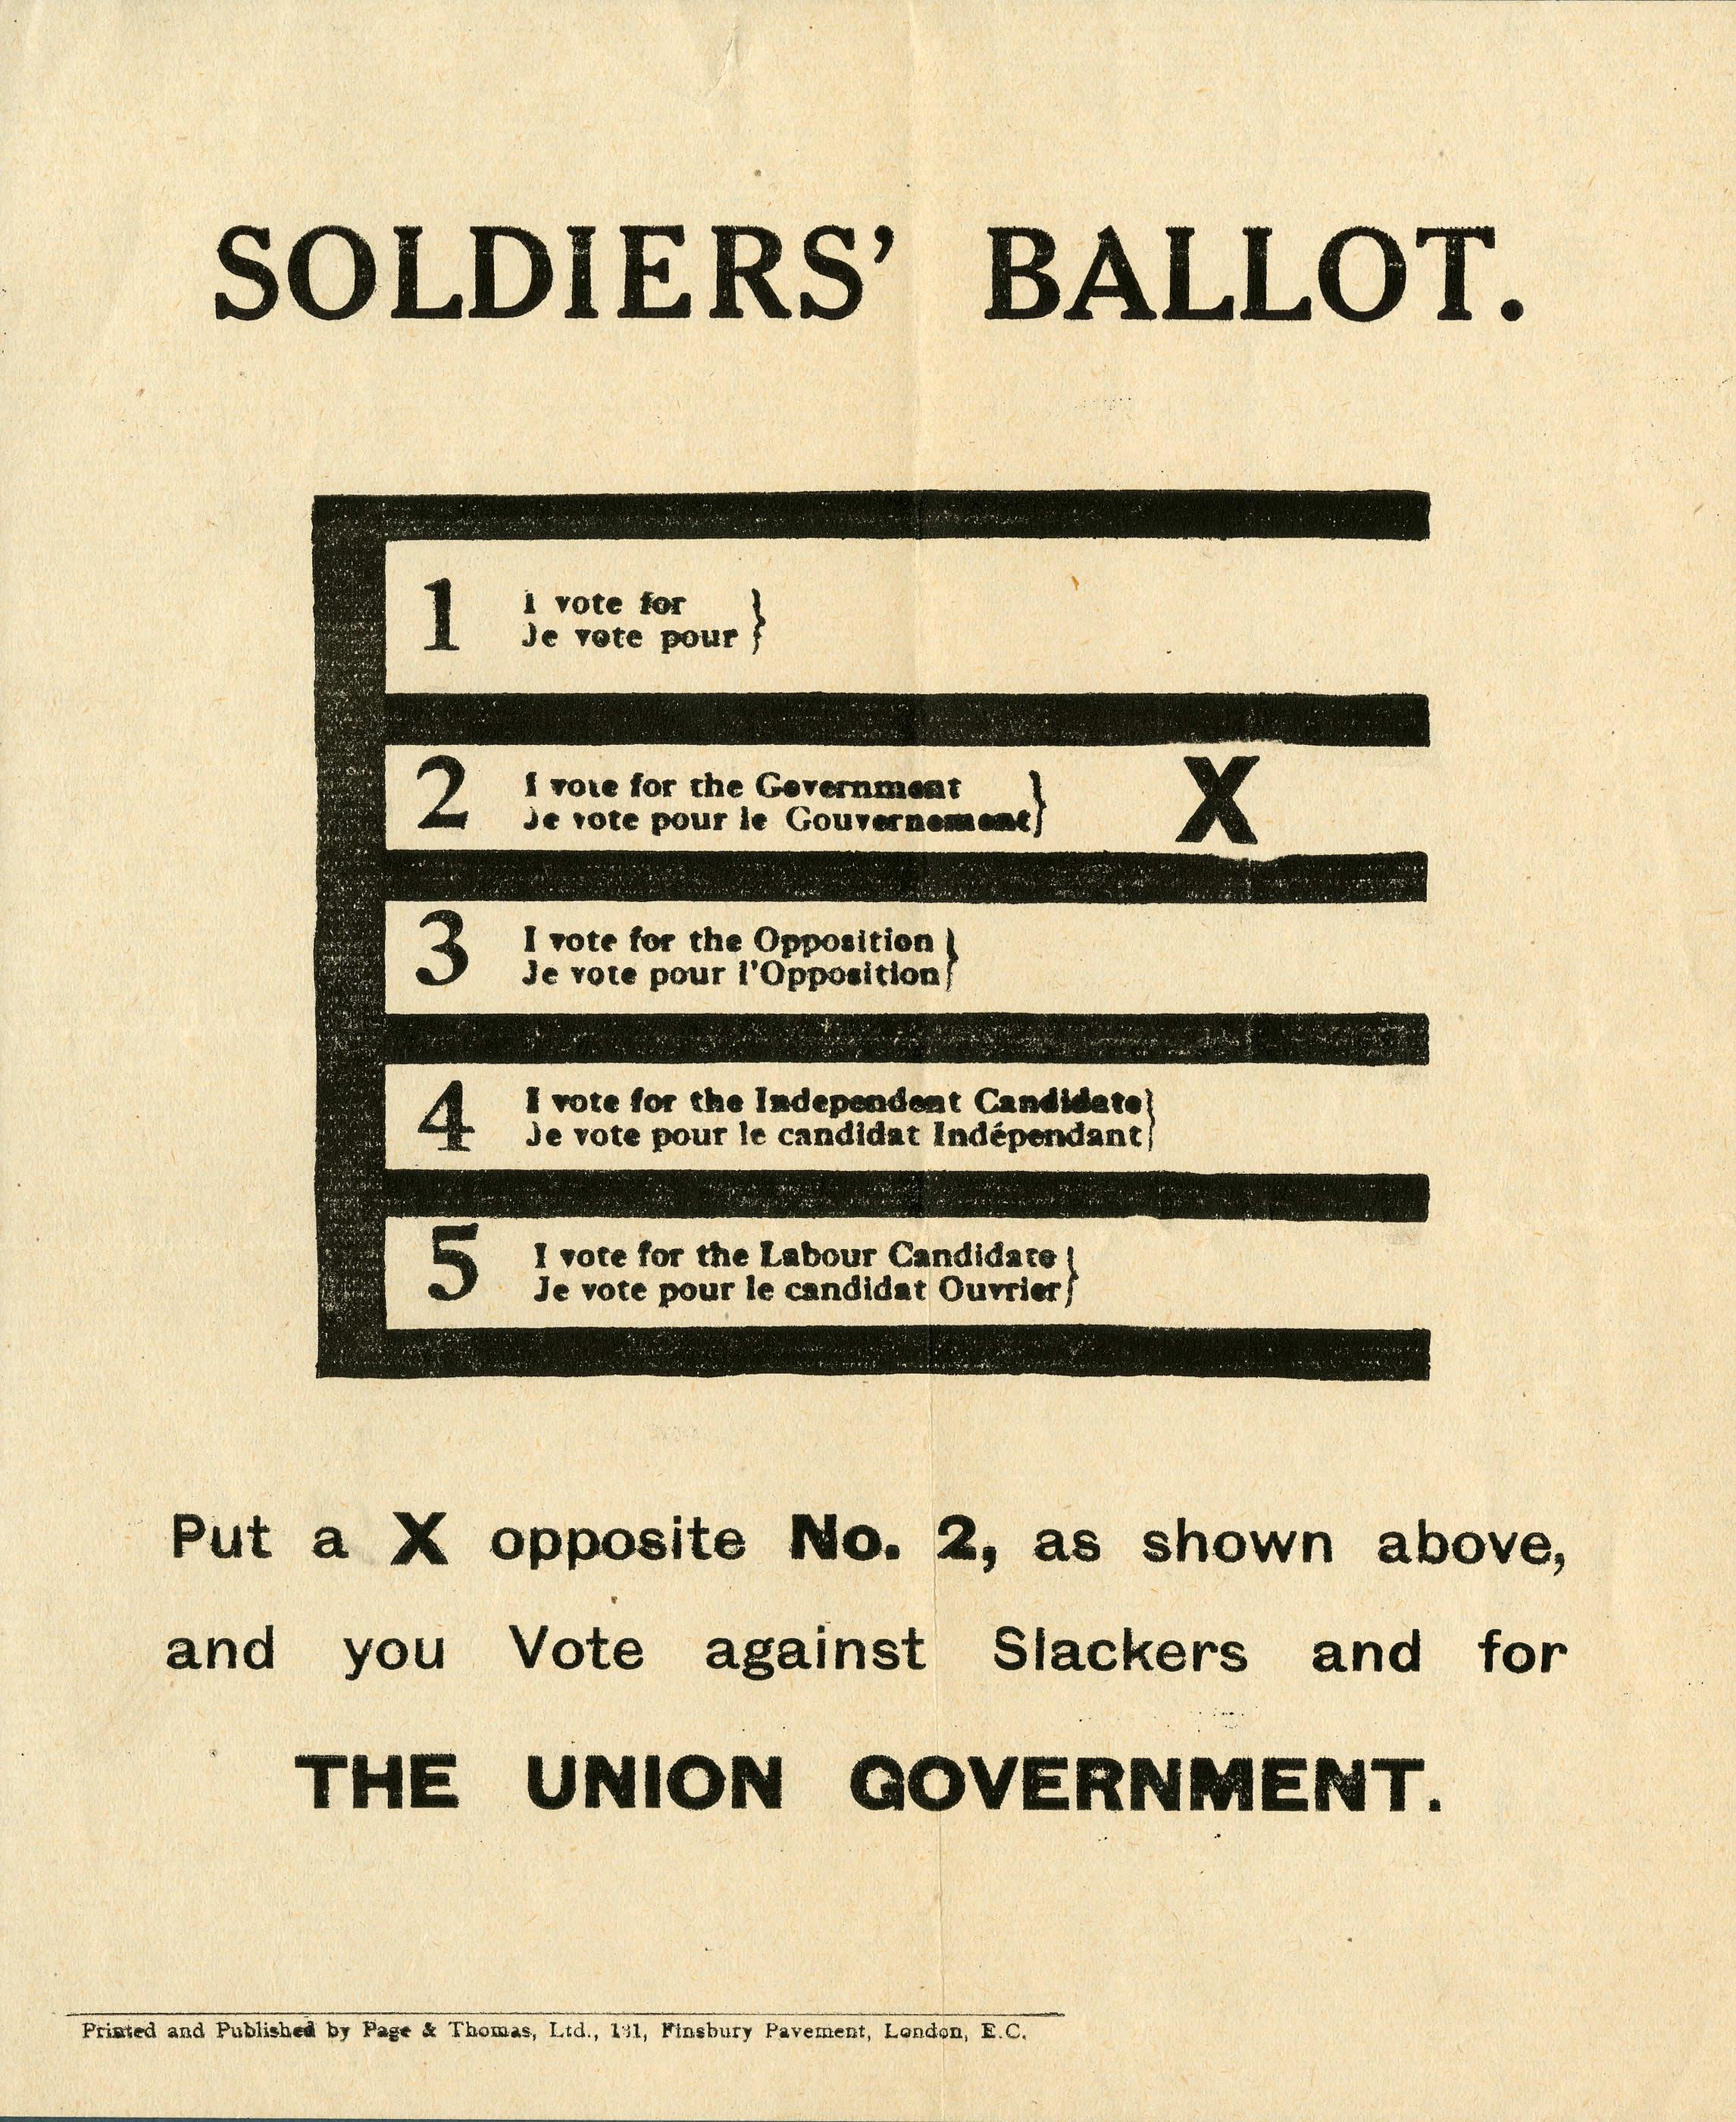 <i>Soldiers' Ballot.</i>